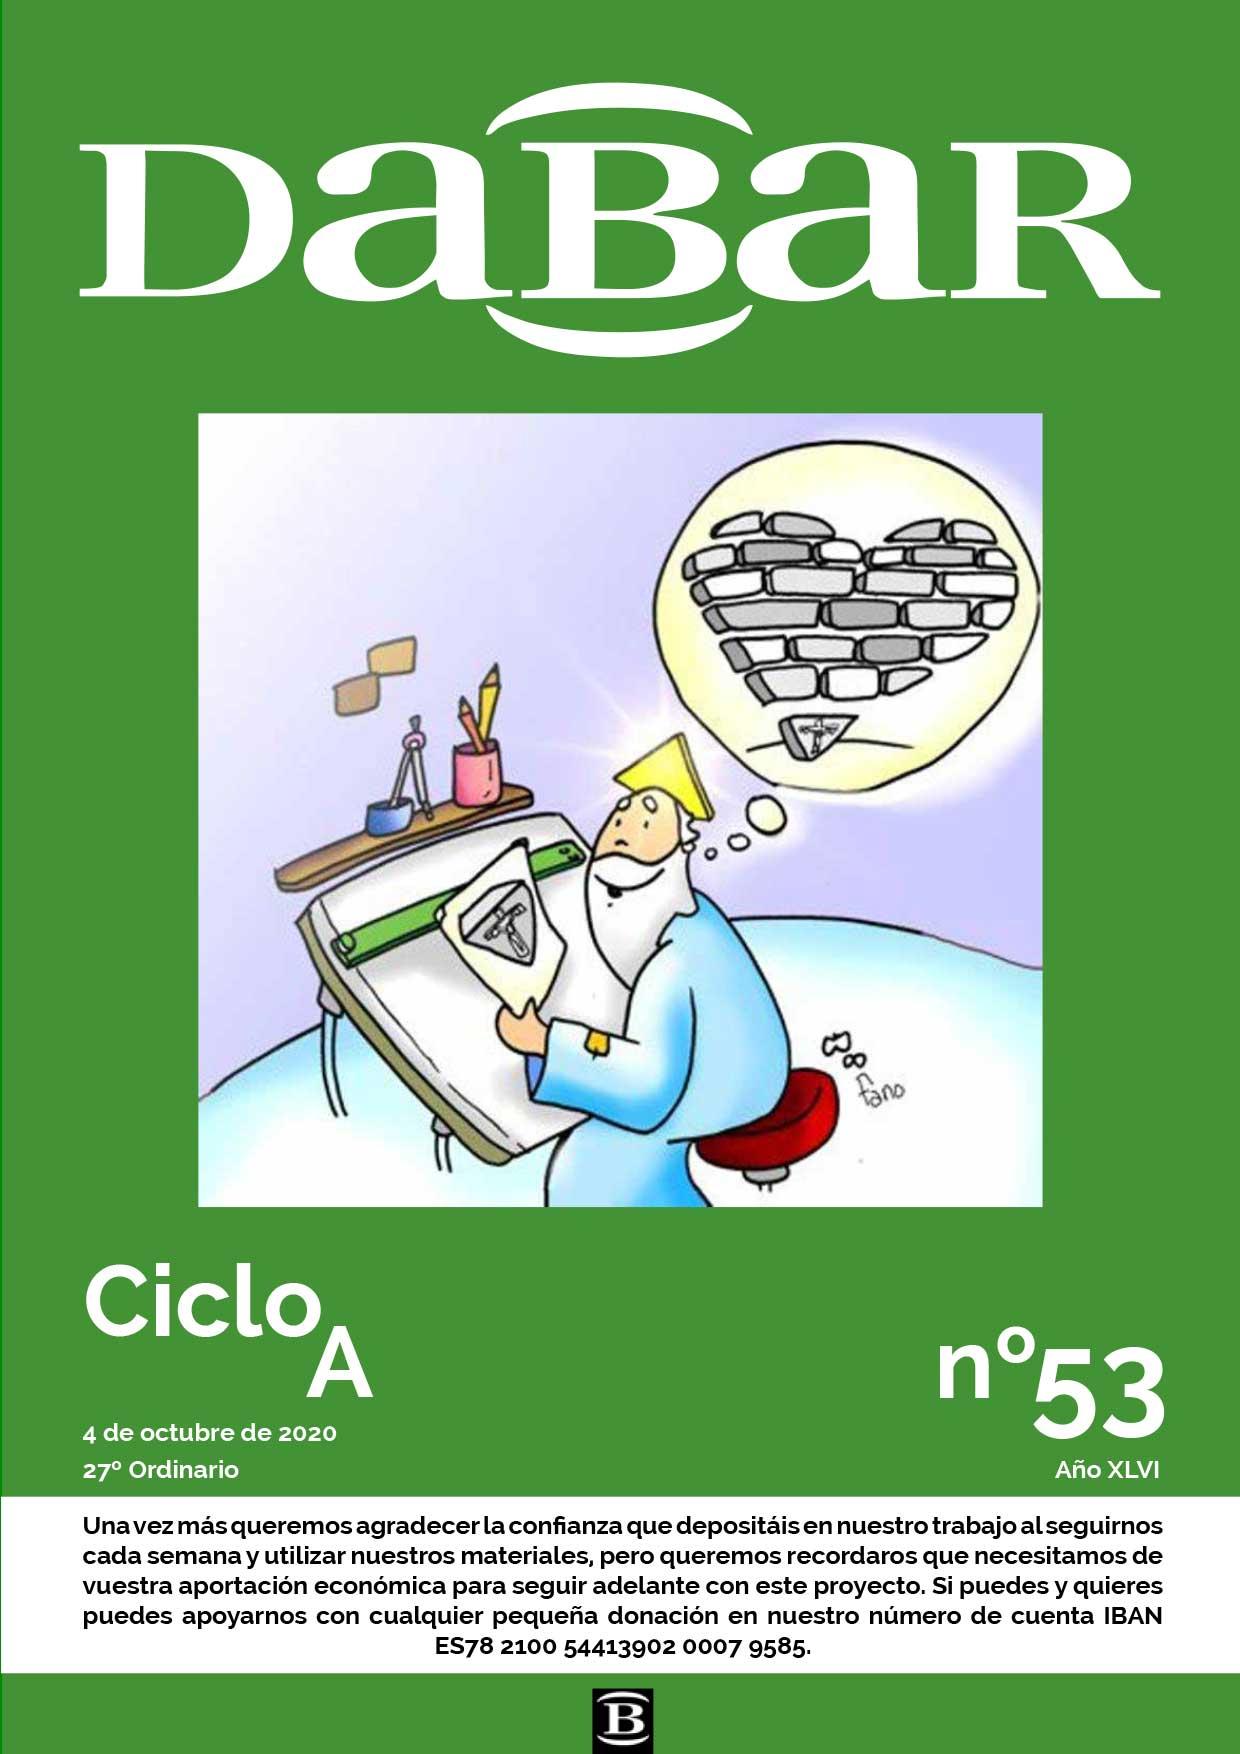 Dabar Revista numero 53 ciclo A